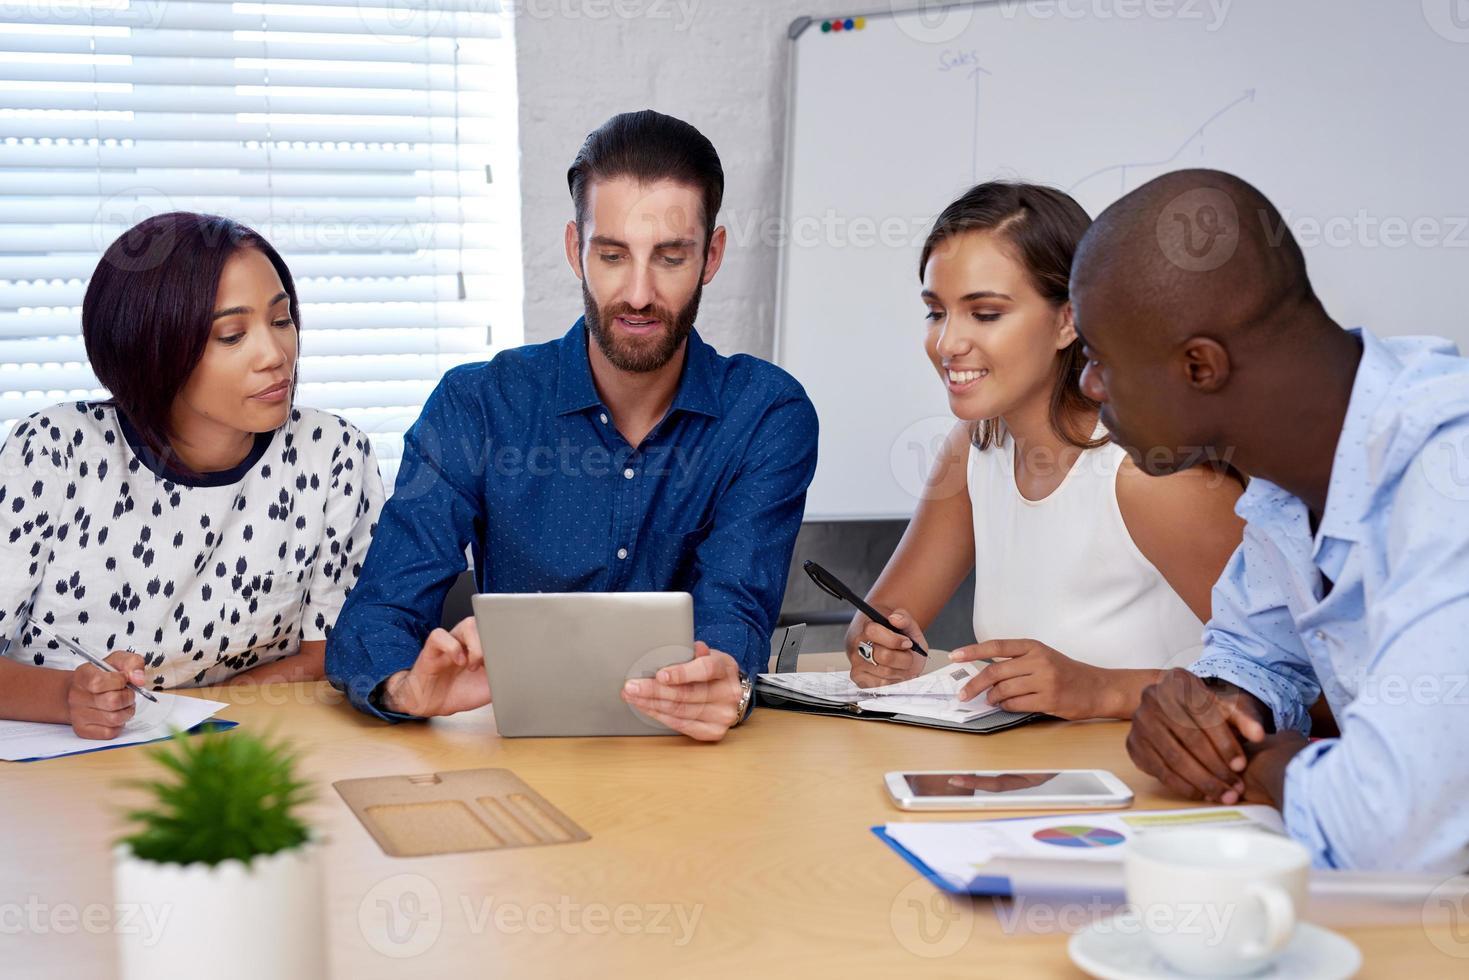 reunião multirracial da equipe de negócios foto